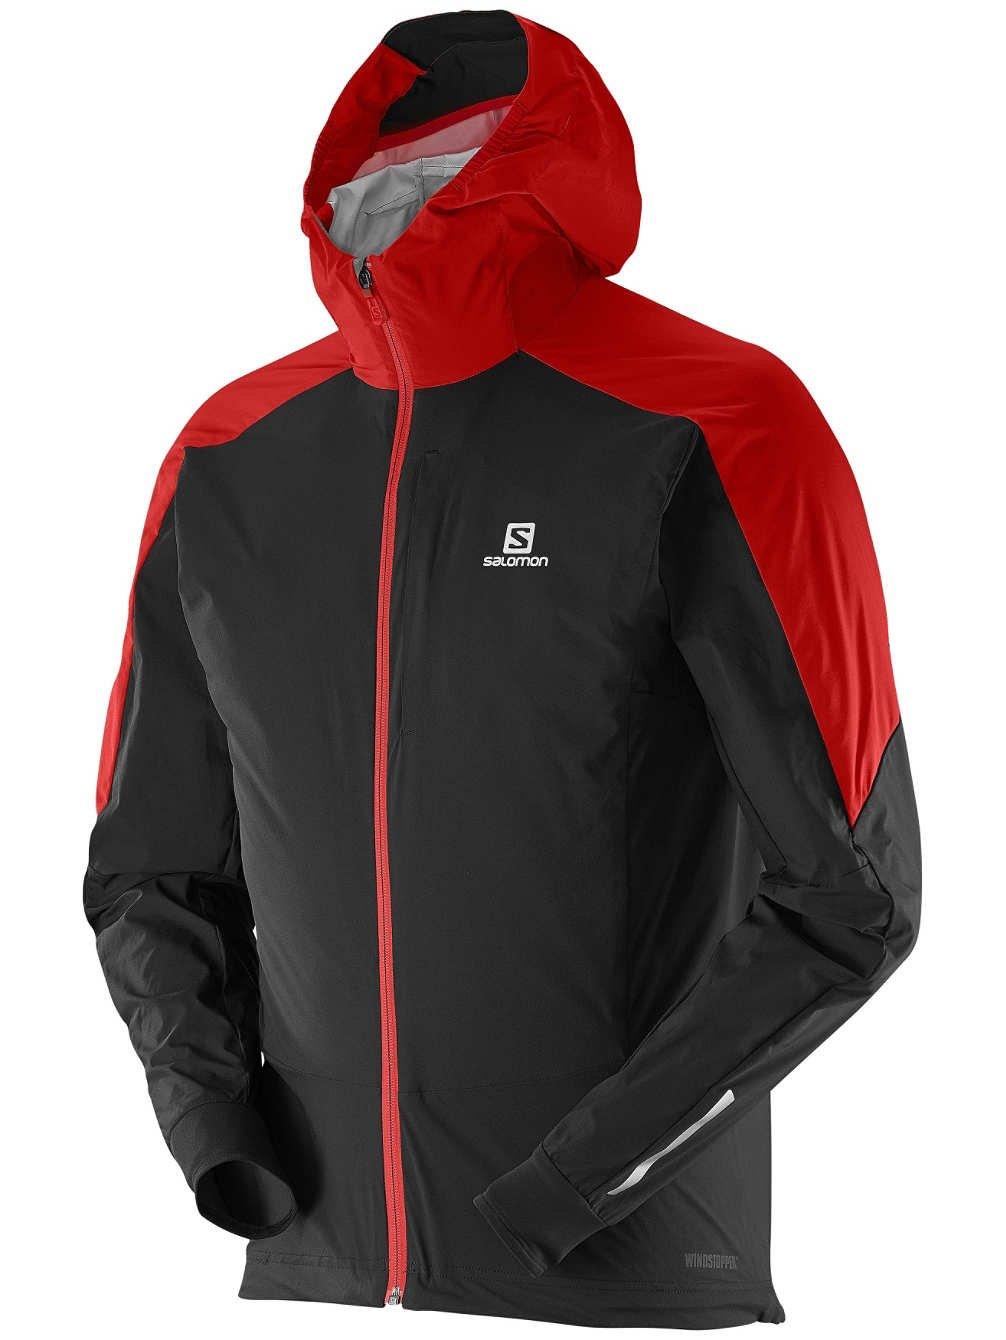 34deec44483 Salomon Men's Equipe WS Jacket Matador-X / Black XL: Amazon.ca: Sports &  Outdoors